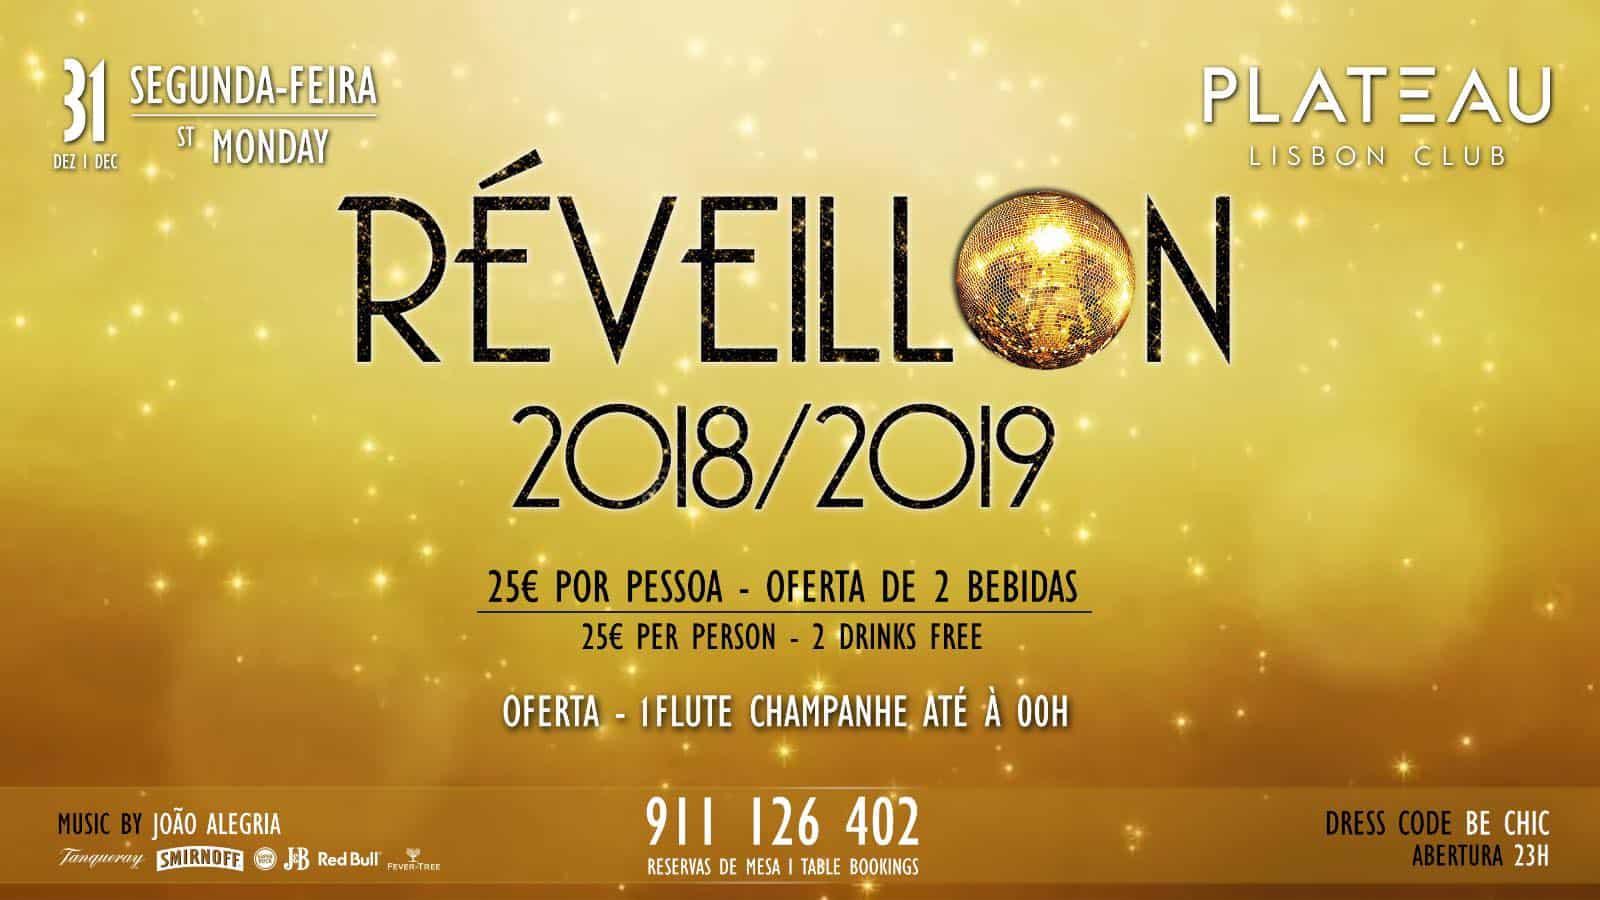 RÉVEILLON 2018-2019 PLATEAU LISBON CLUB